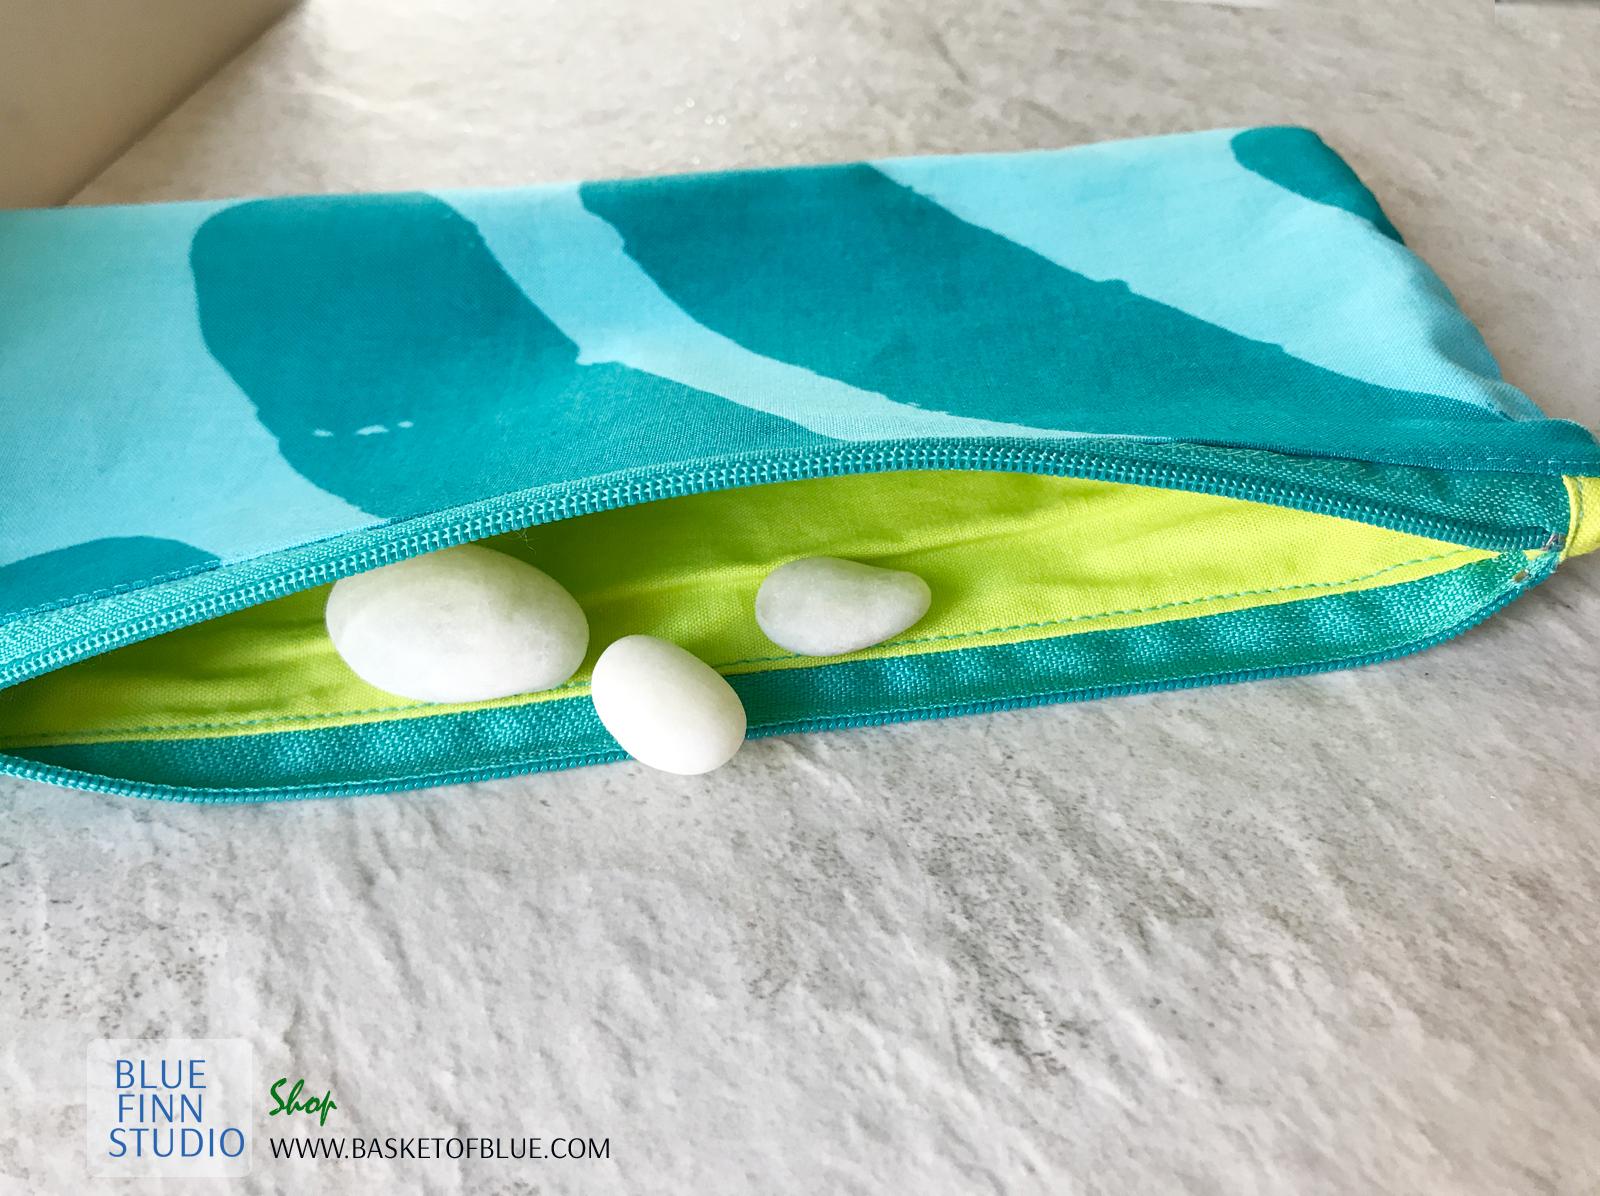 Blue Marimekko Silkkikuikka zip pouch